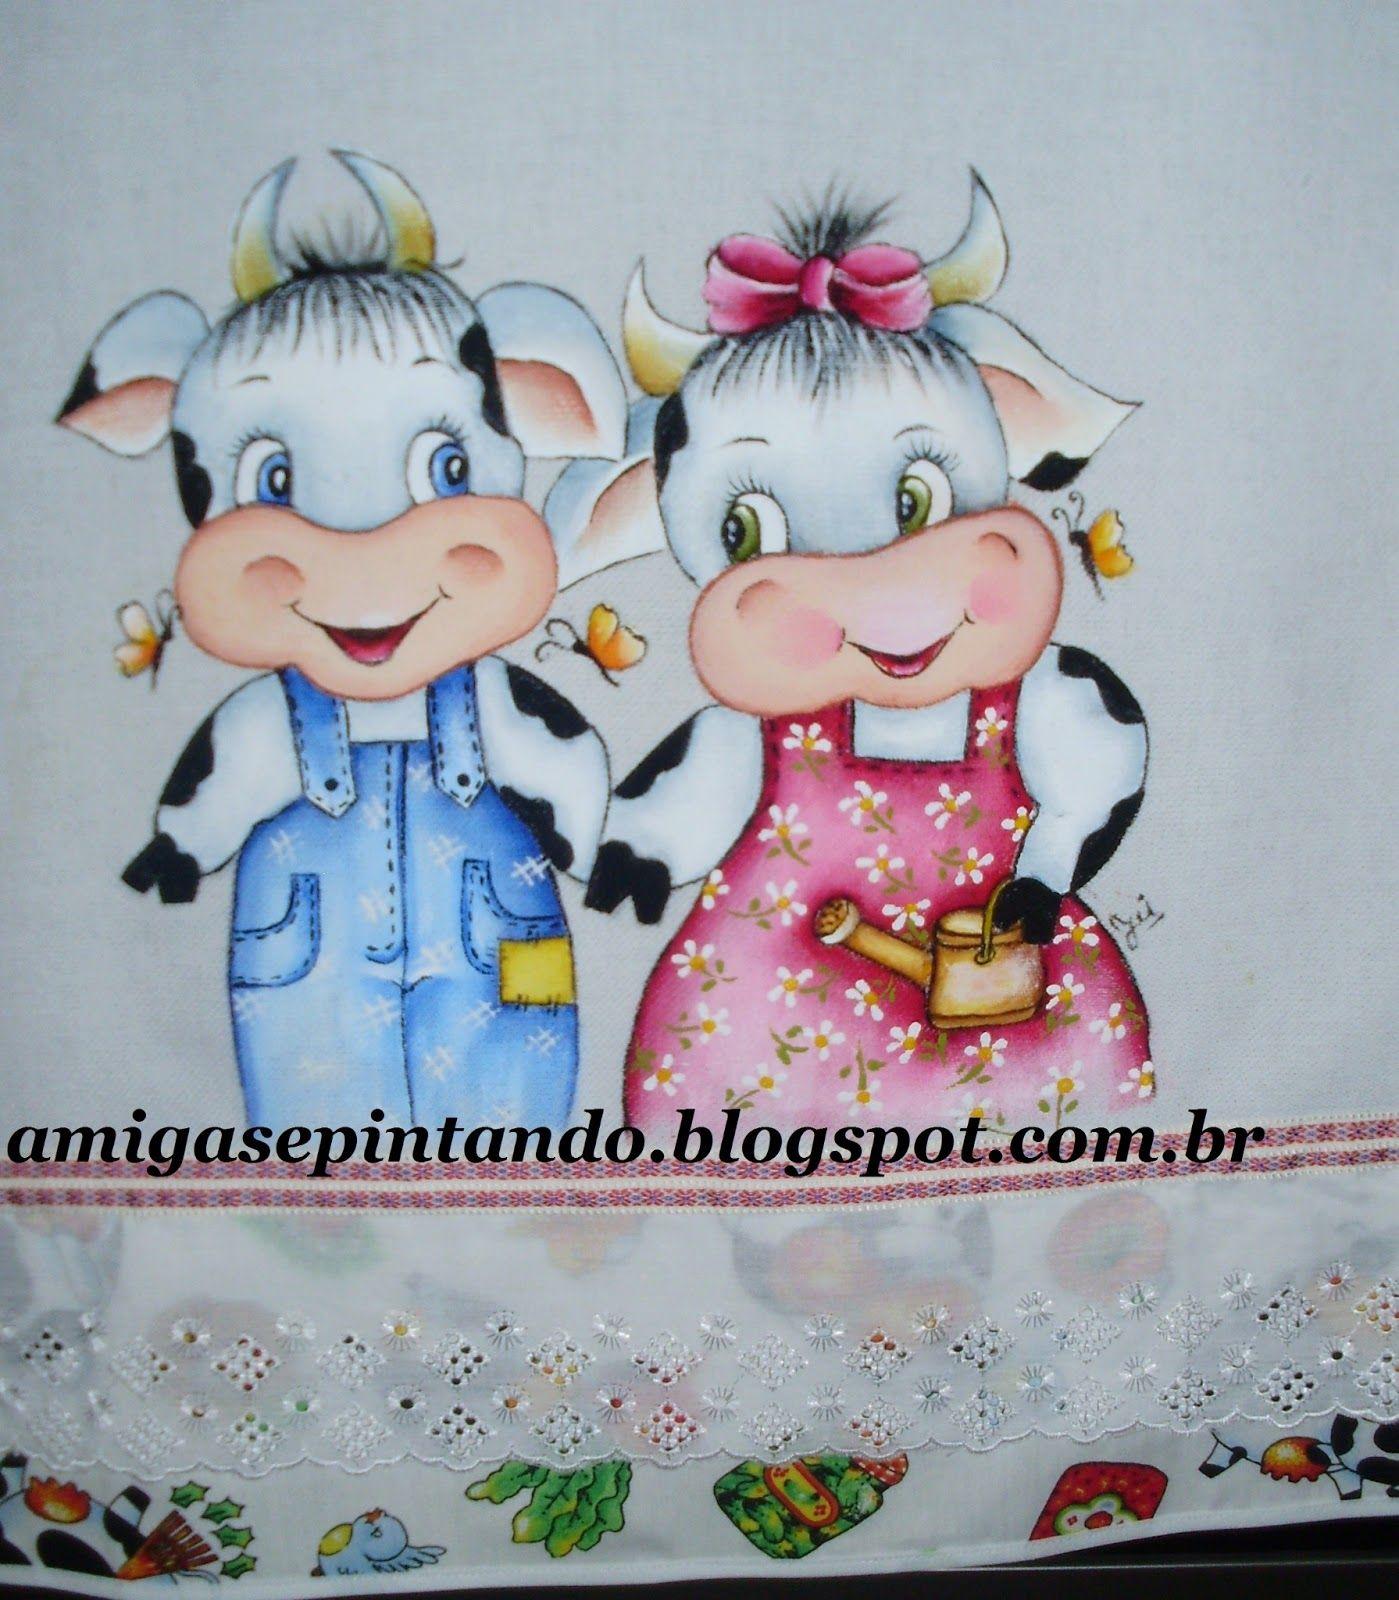 Amigas & Pintando: Fevereiro 2013